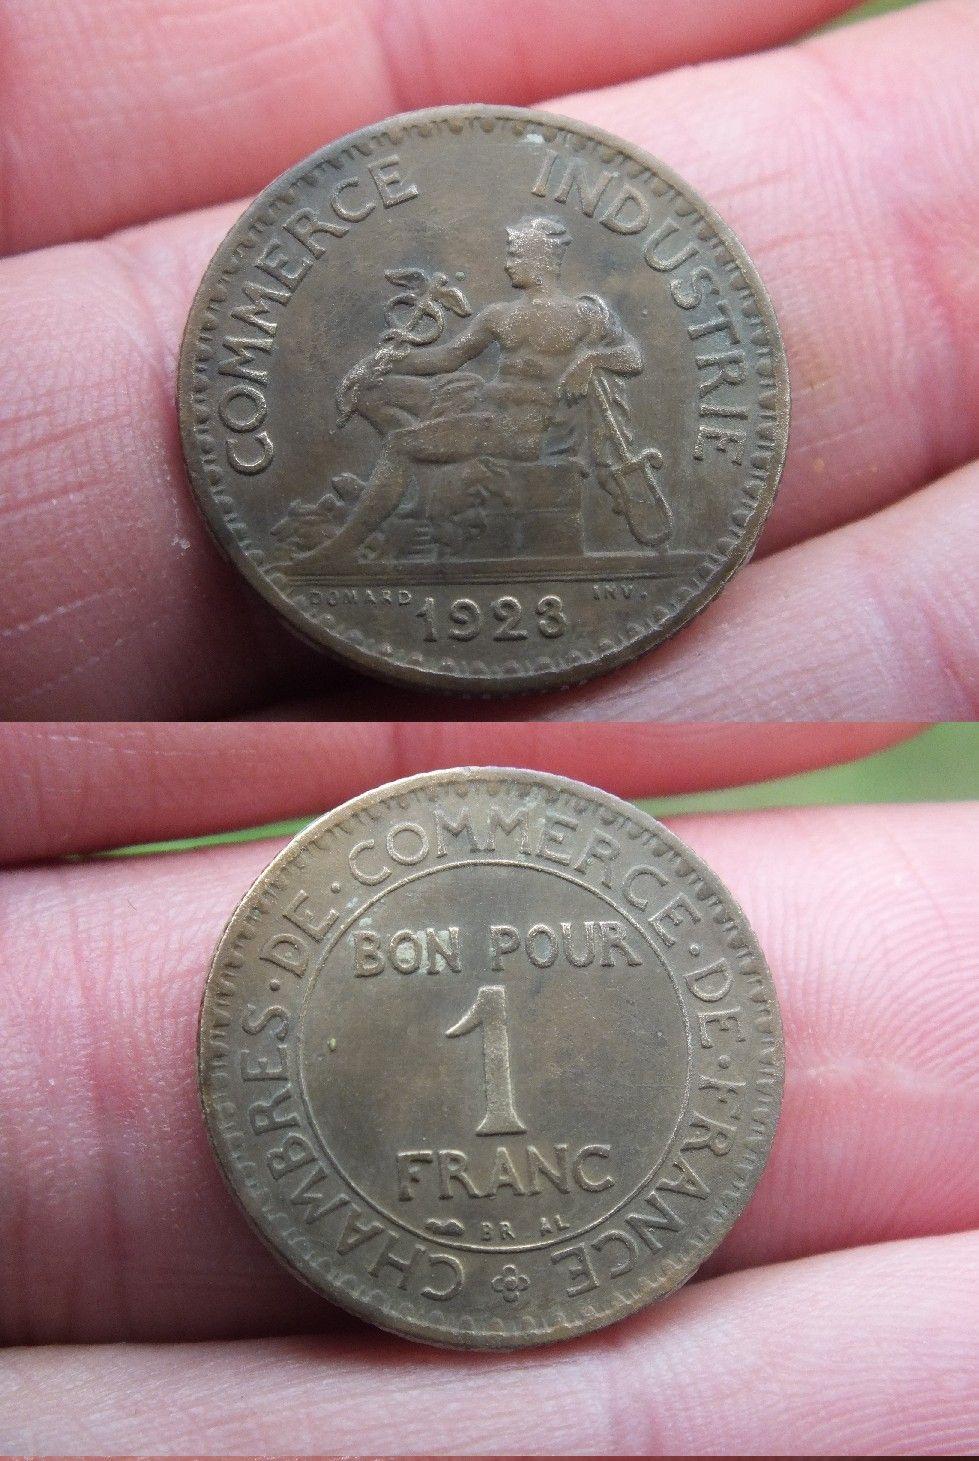 Chambre de commerce bon pour 1 franc 1923 for Bon pour 1 franc chambre de commerce